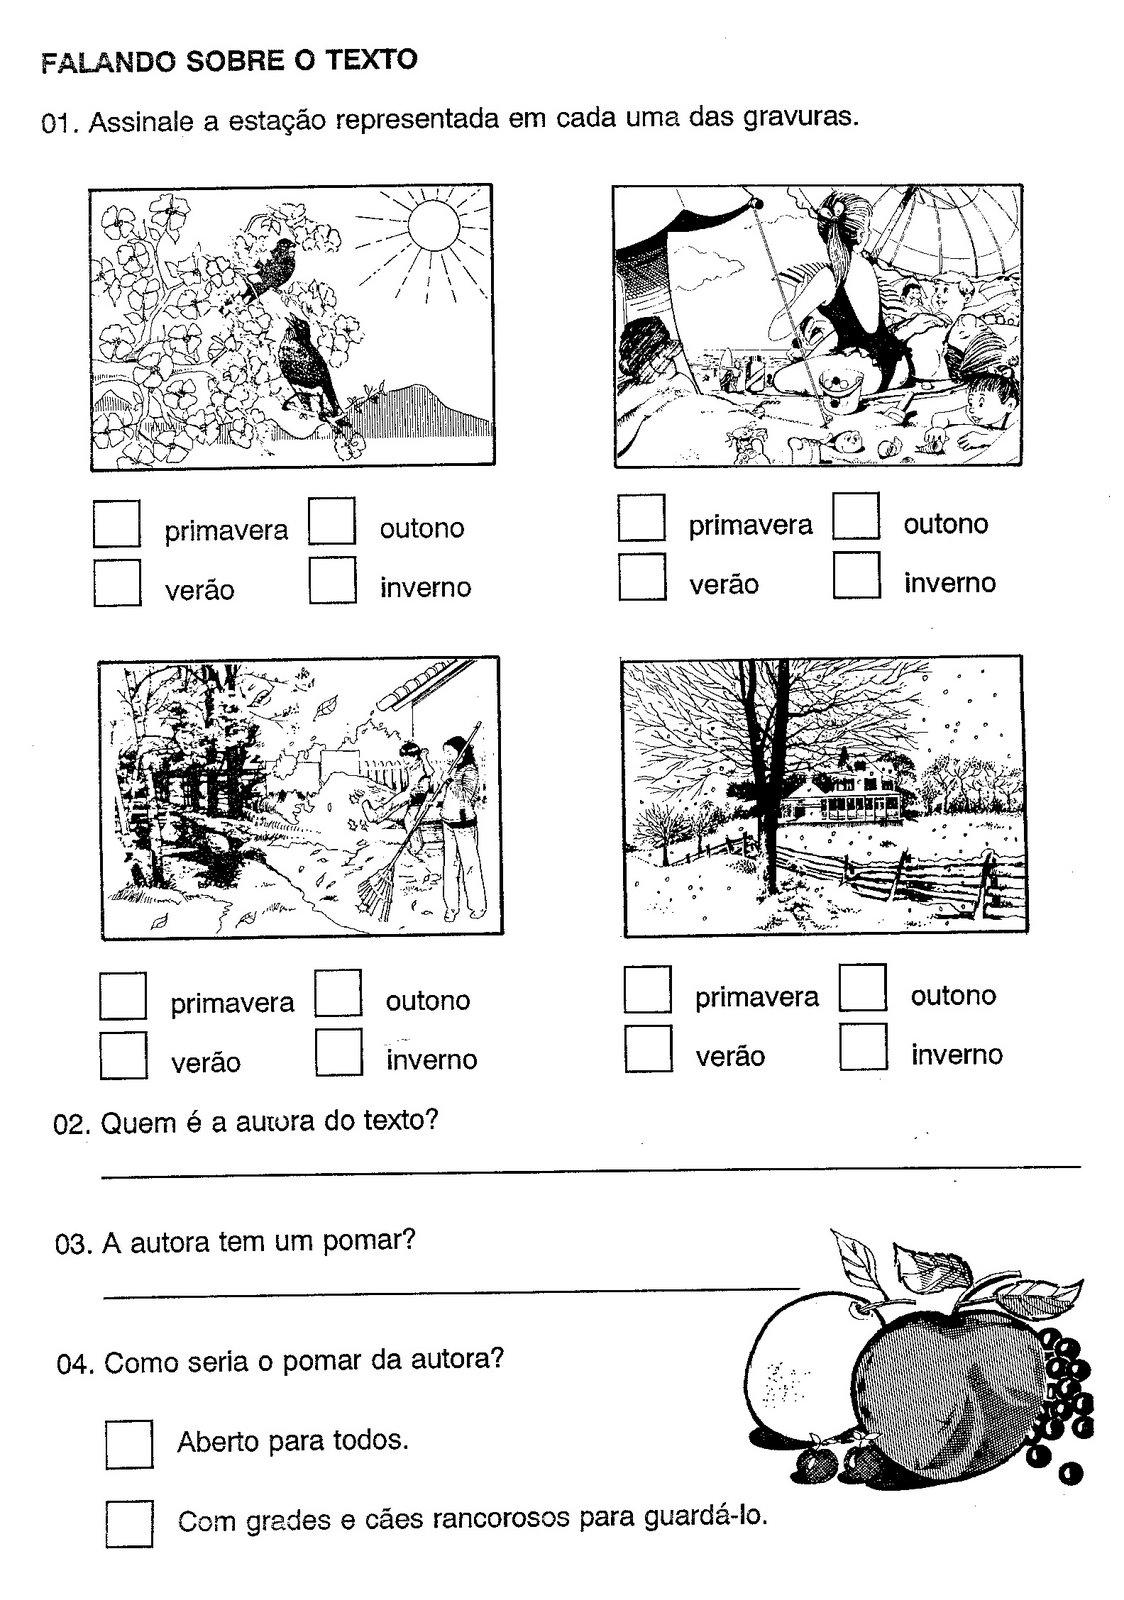 imagens de jardim horta e pomar : imagens de jardim horta e pomar:priscila piassi sexta-feira, 2 de novembro de 2012